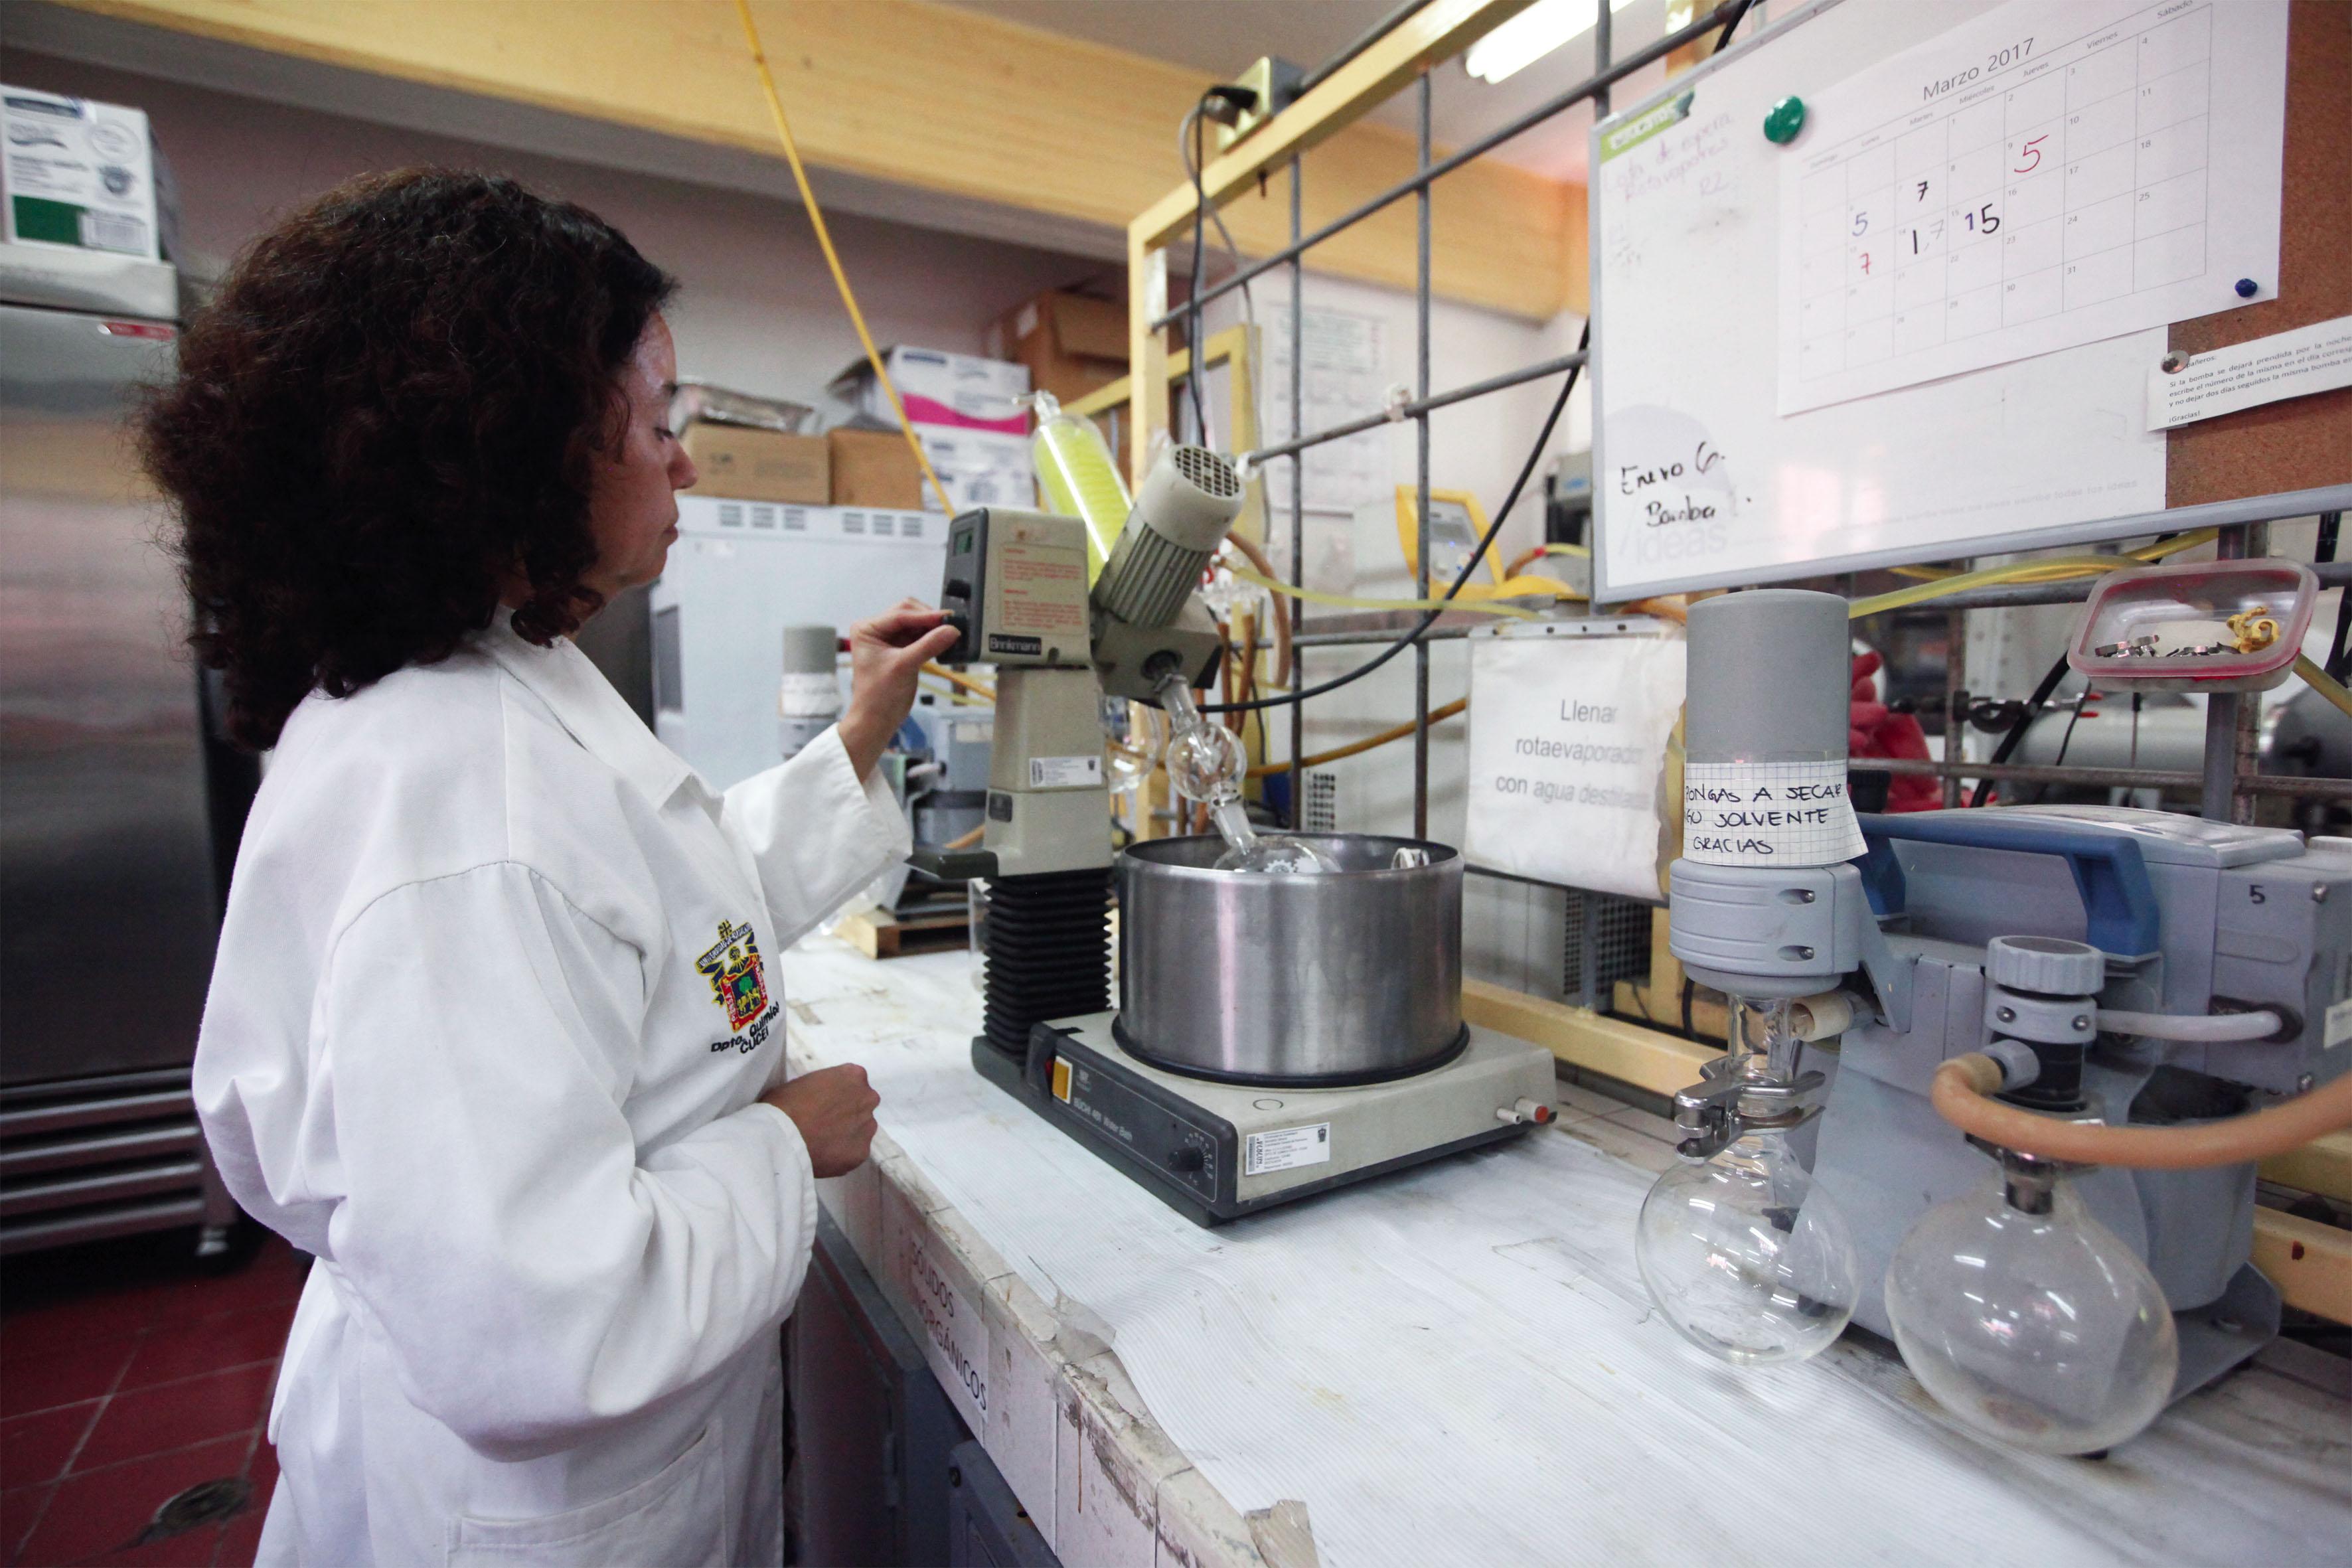 Investigadora realizando muestras, en el laboratorio de síntesis orgánica, del Centro Universitario de Ciencias Exactas e Ingenierías (CUCEI).